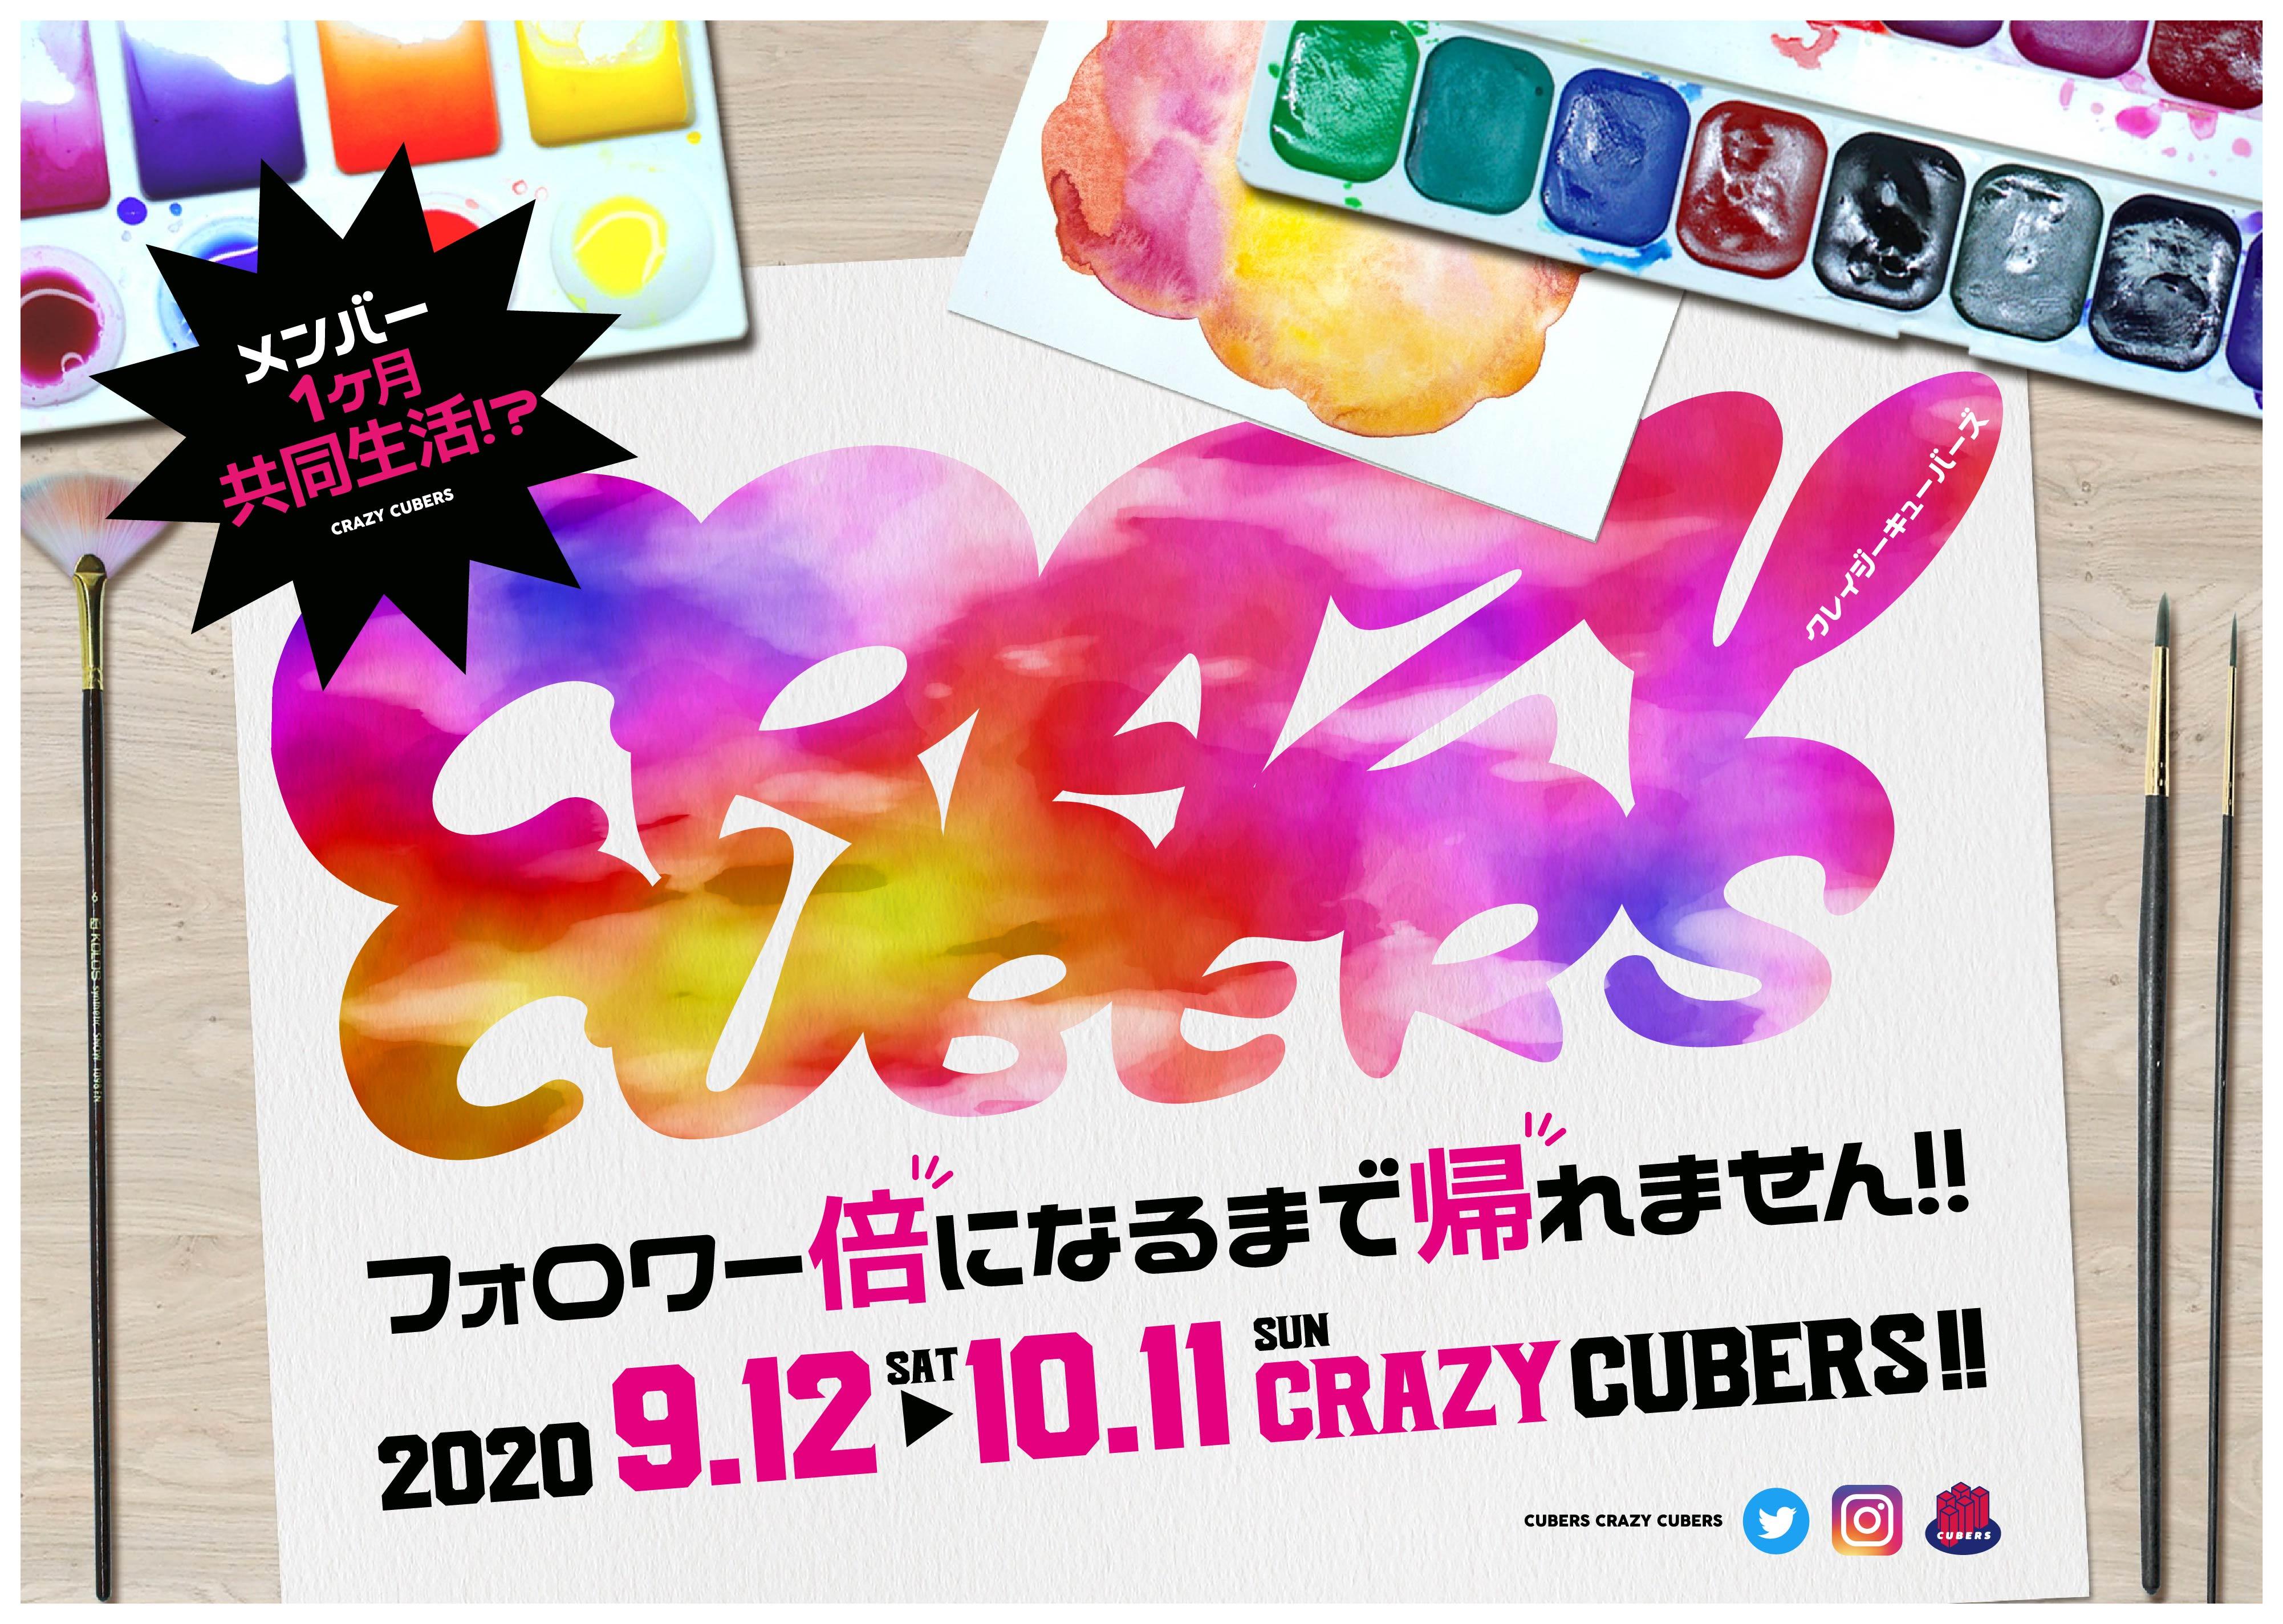 【NEWS】9/12(土)〜10/11(日)  CRAZY CUBERS企画 「フォロワー倍になるまで帰れません!!」実施決定!